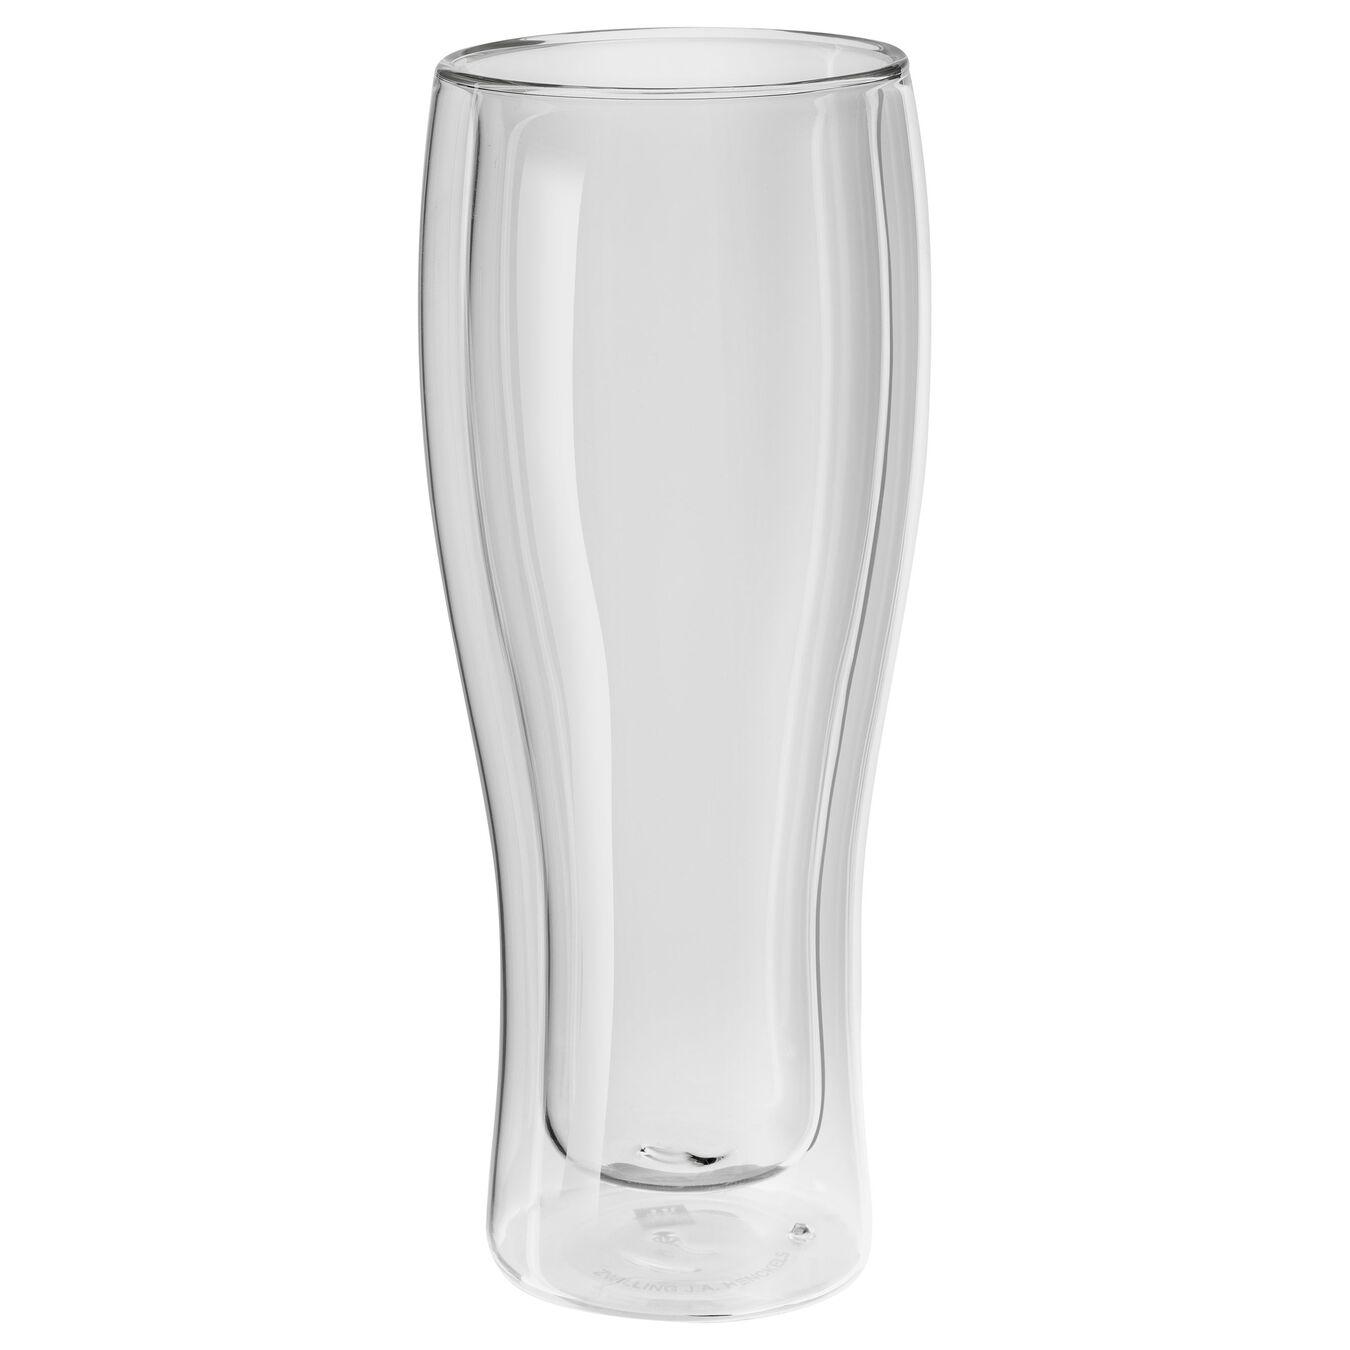 Set di bicchieri da birra - 2-pz., vetro borosilicato,,large 1